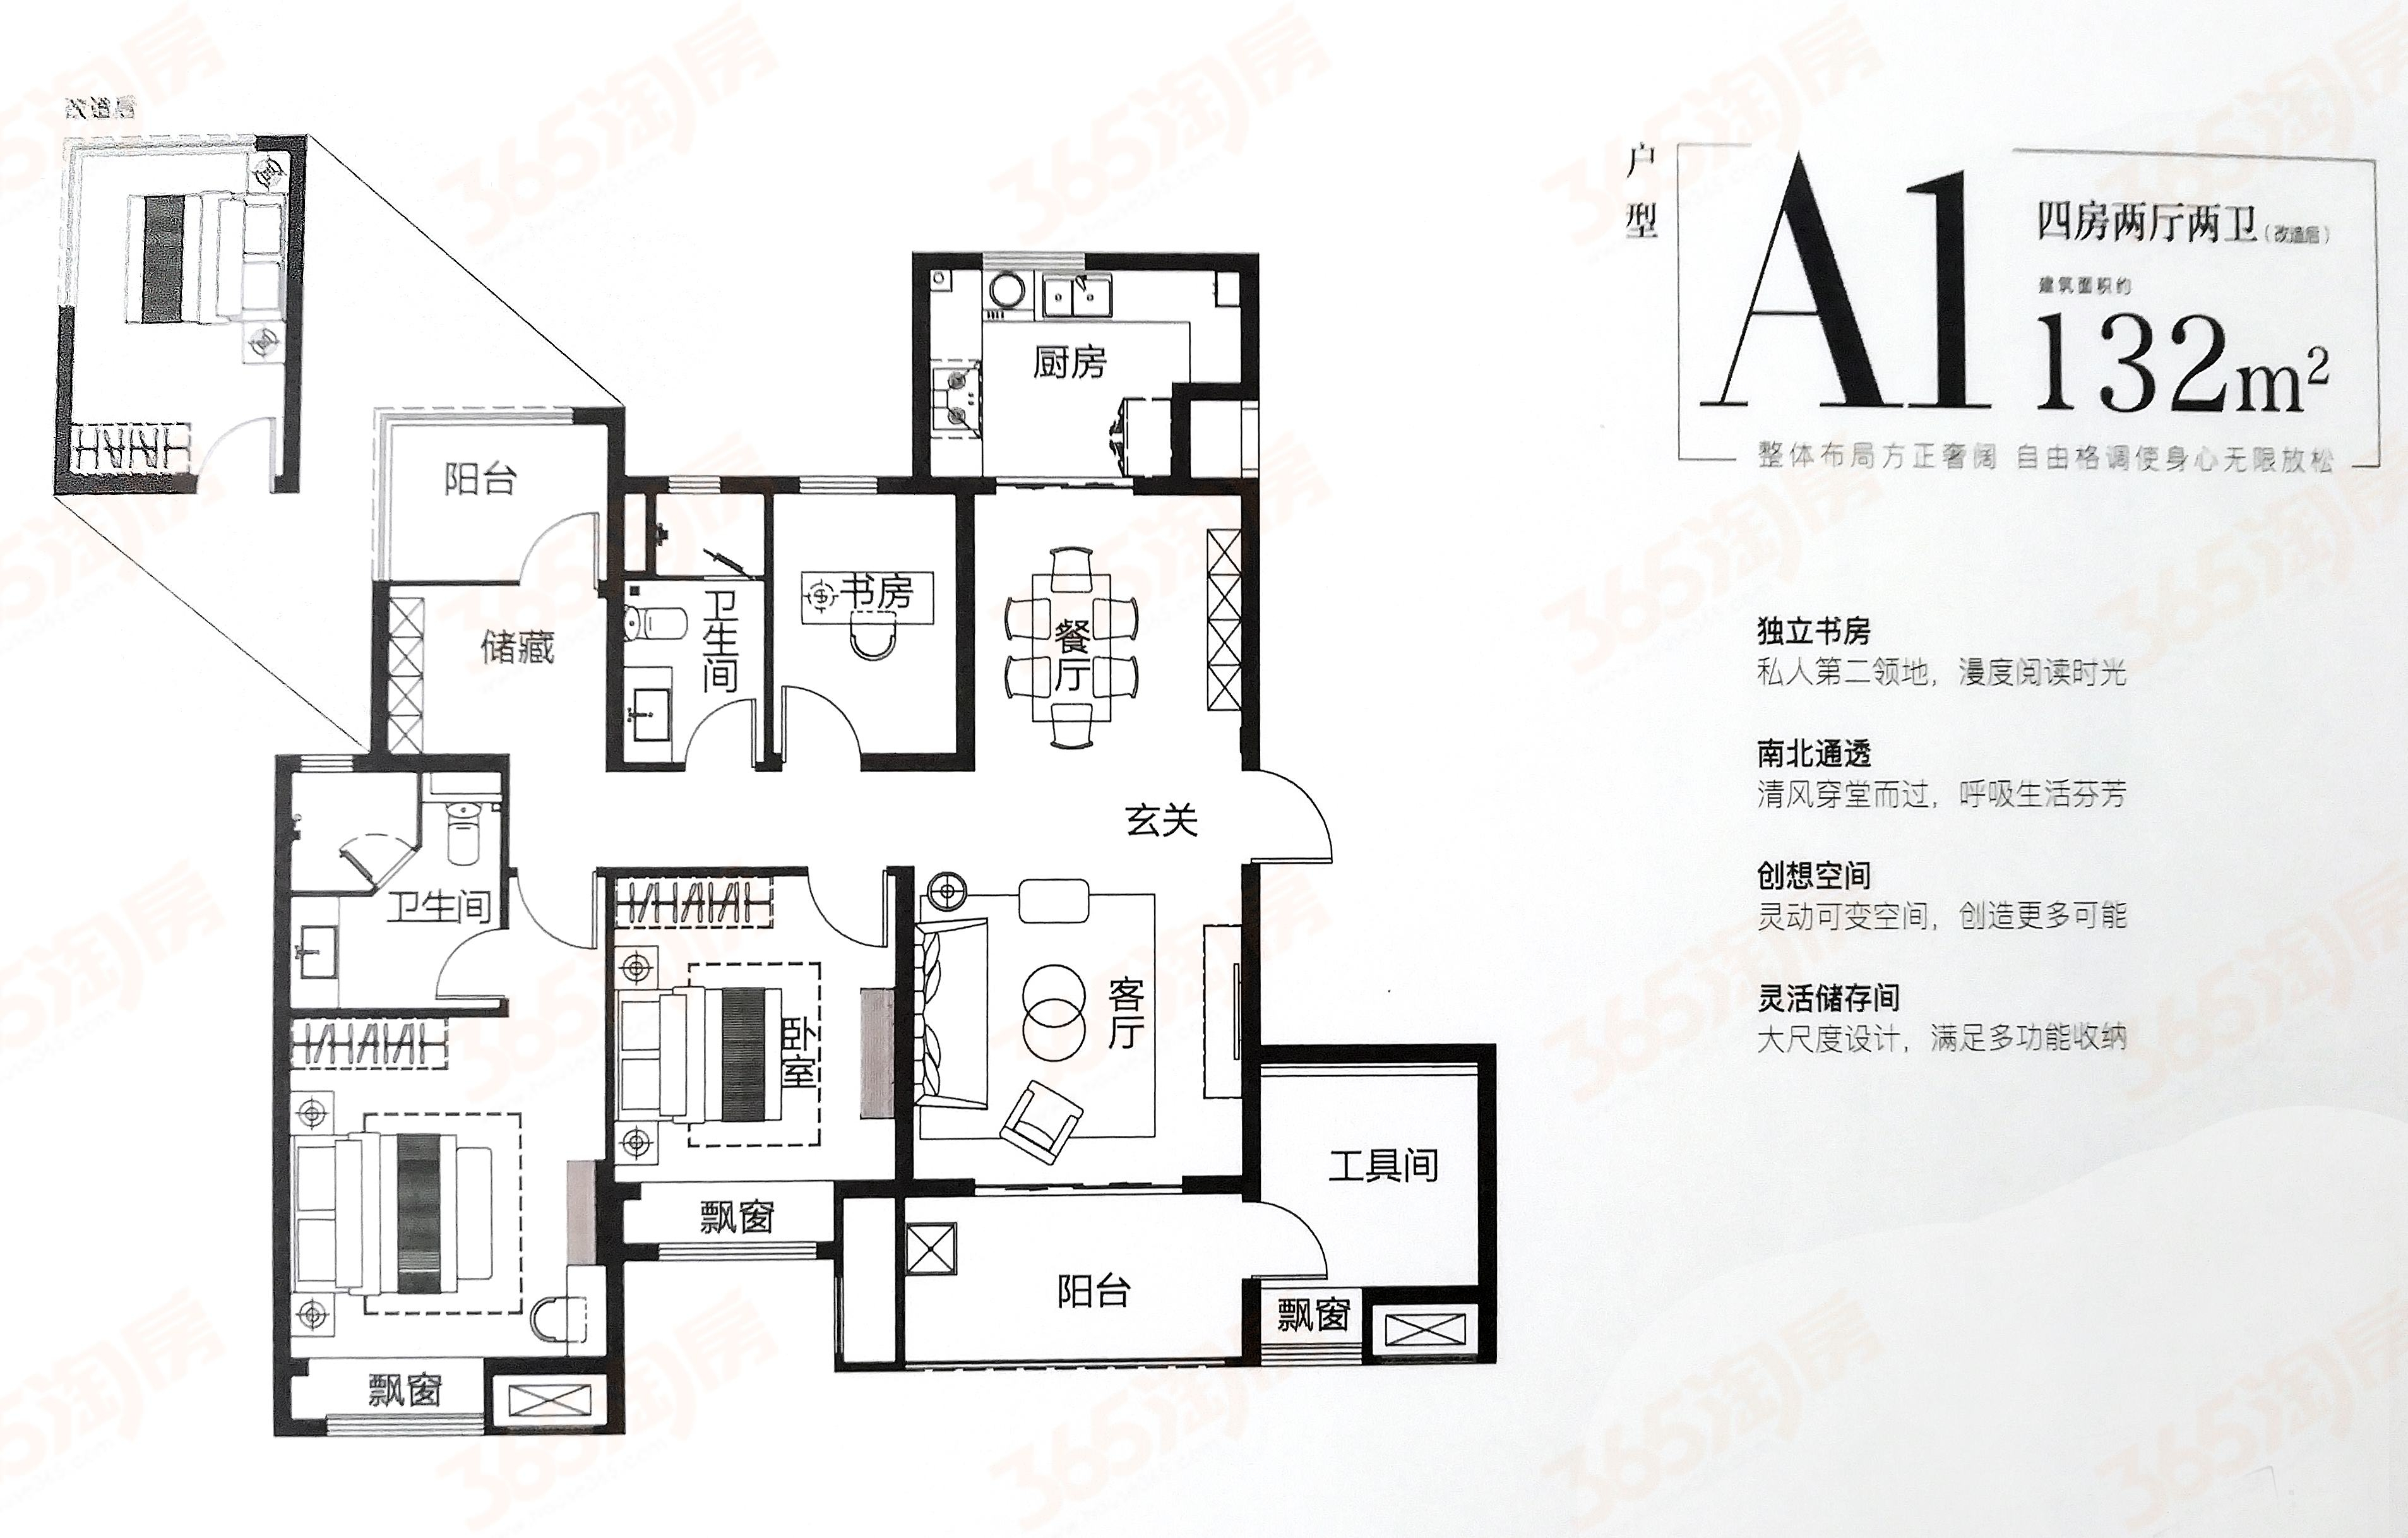 雅居乐富春山居洋房户型图A1